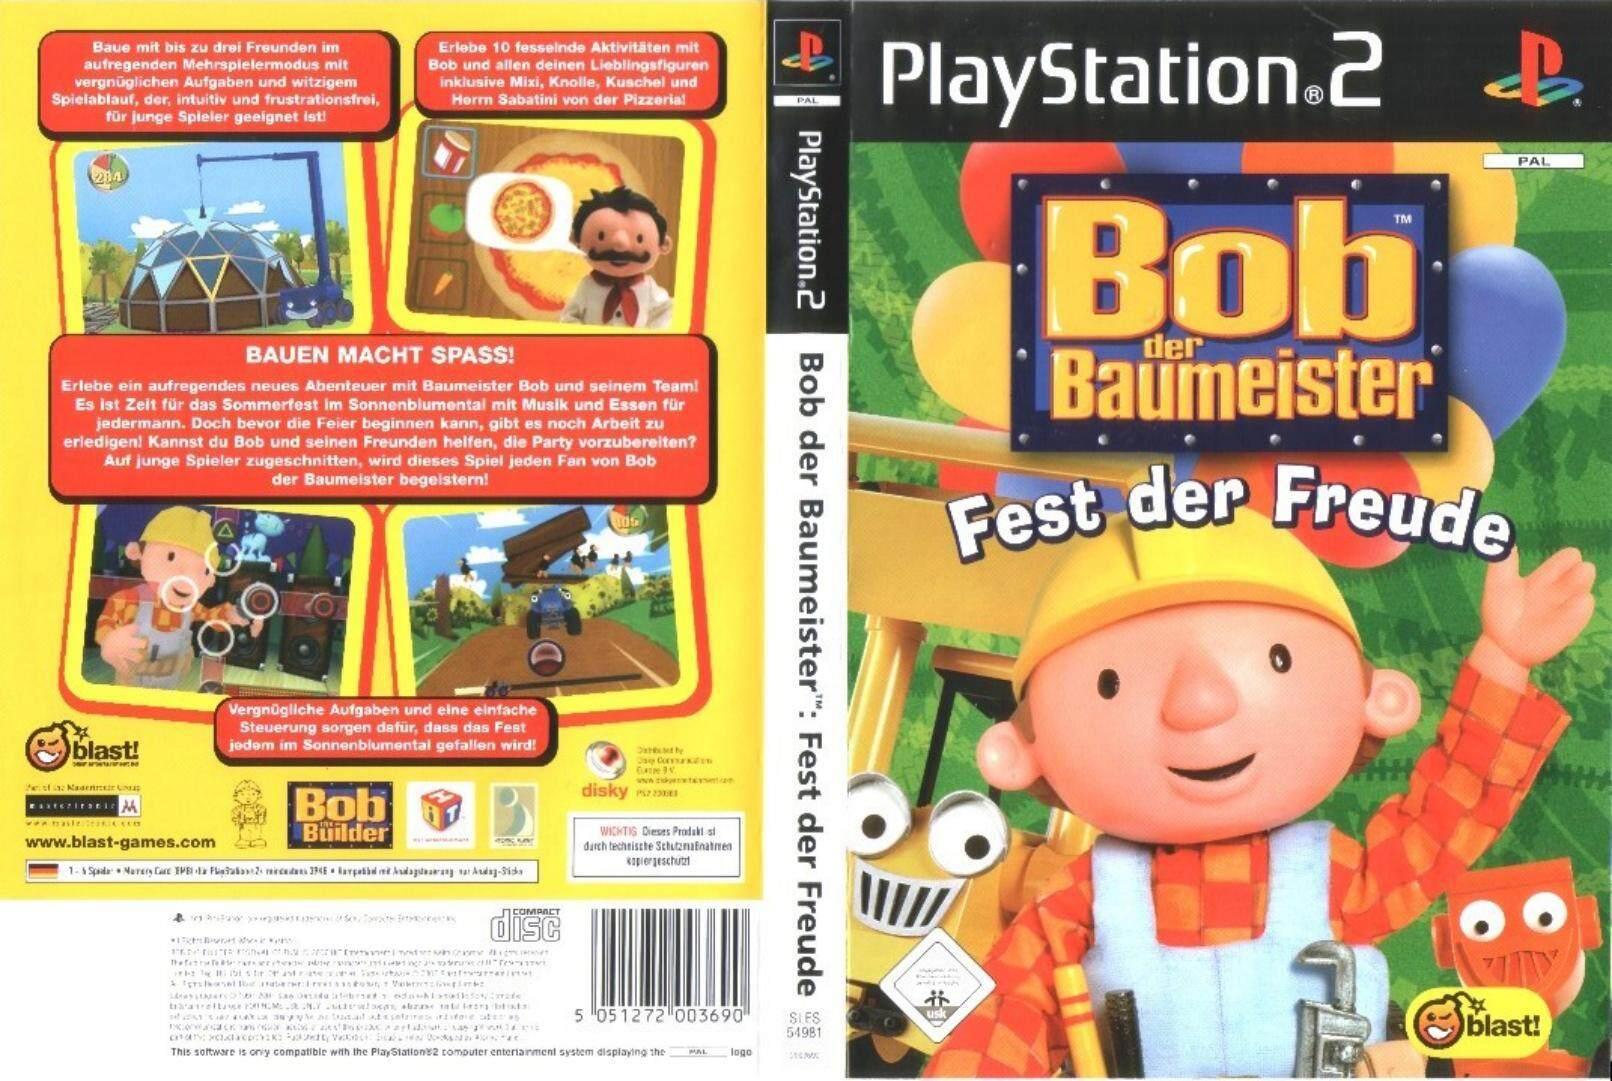 Ps2 Bob The Builder Festival of Fun